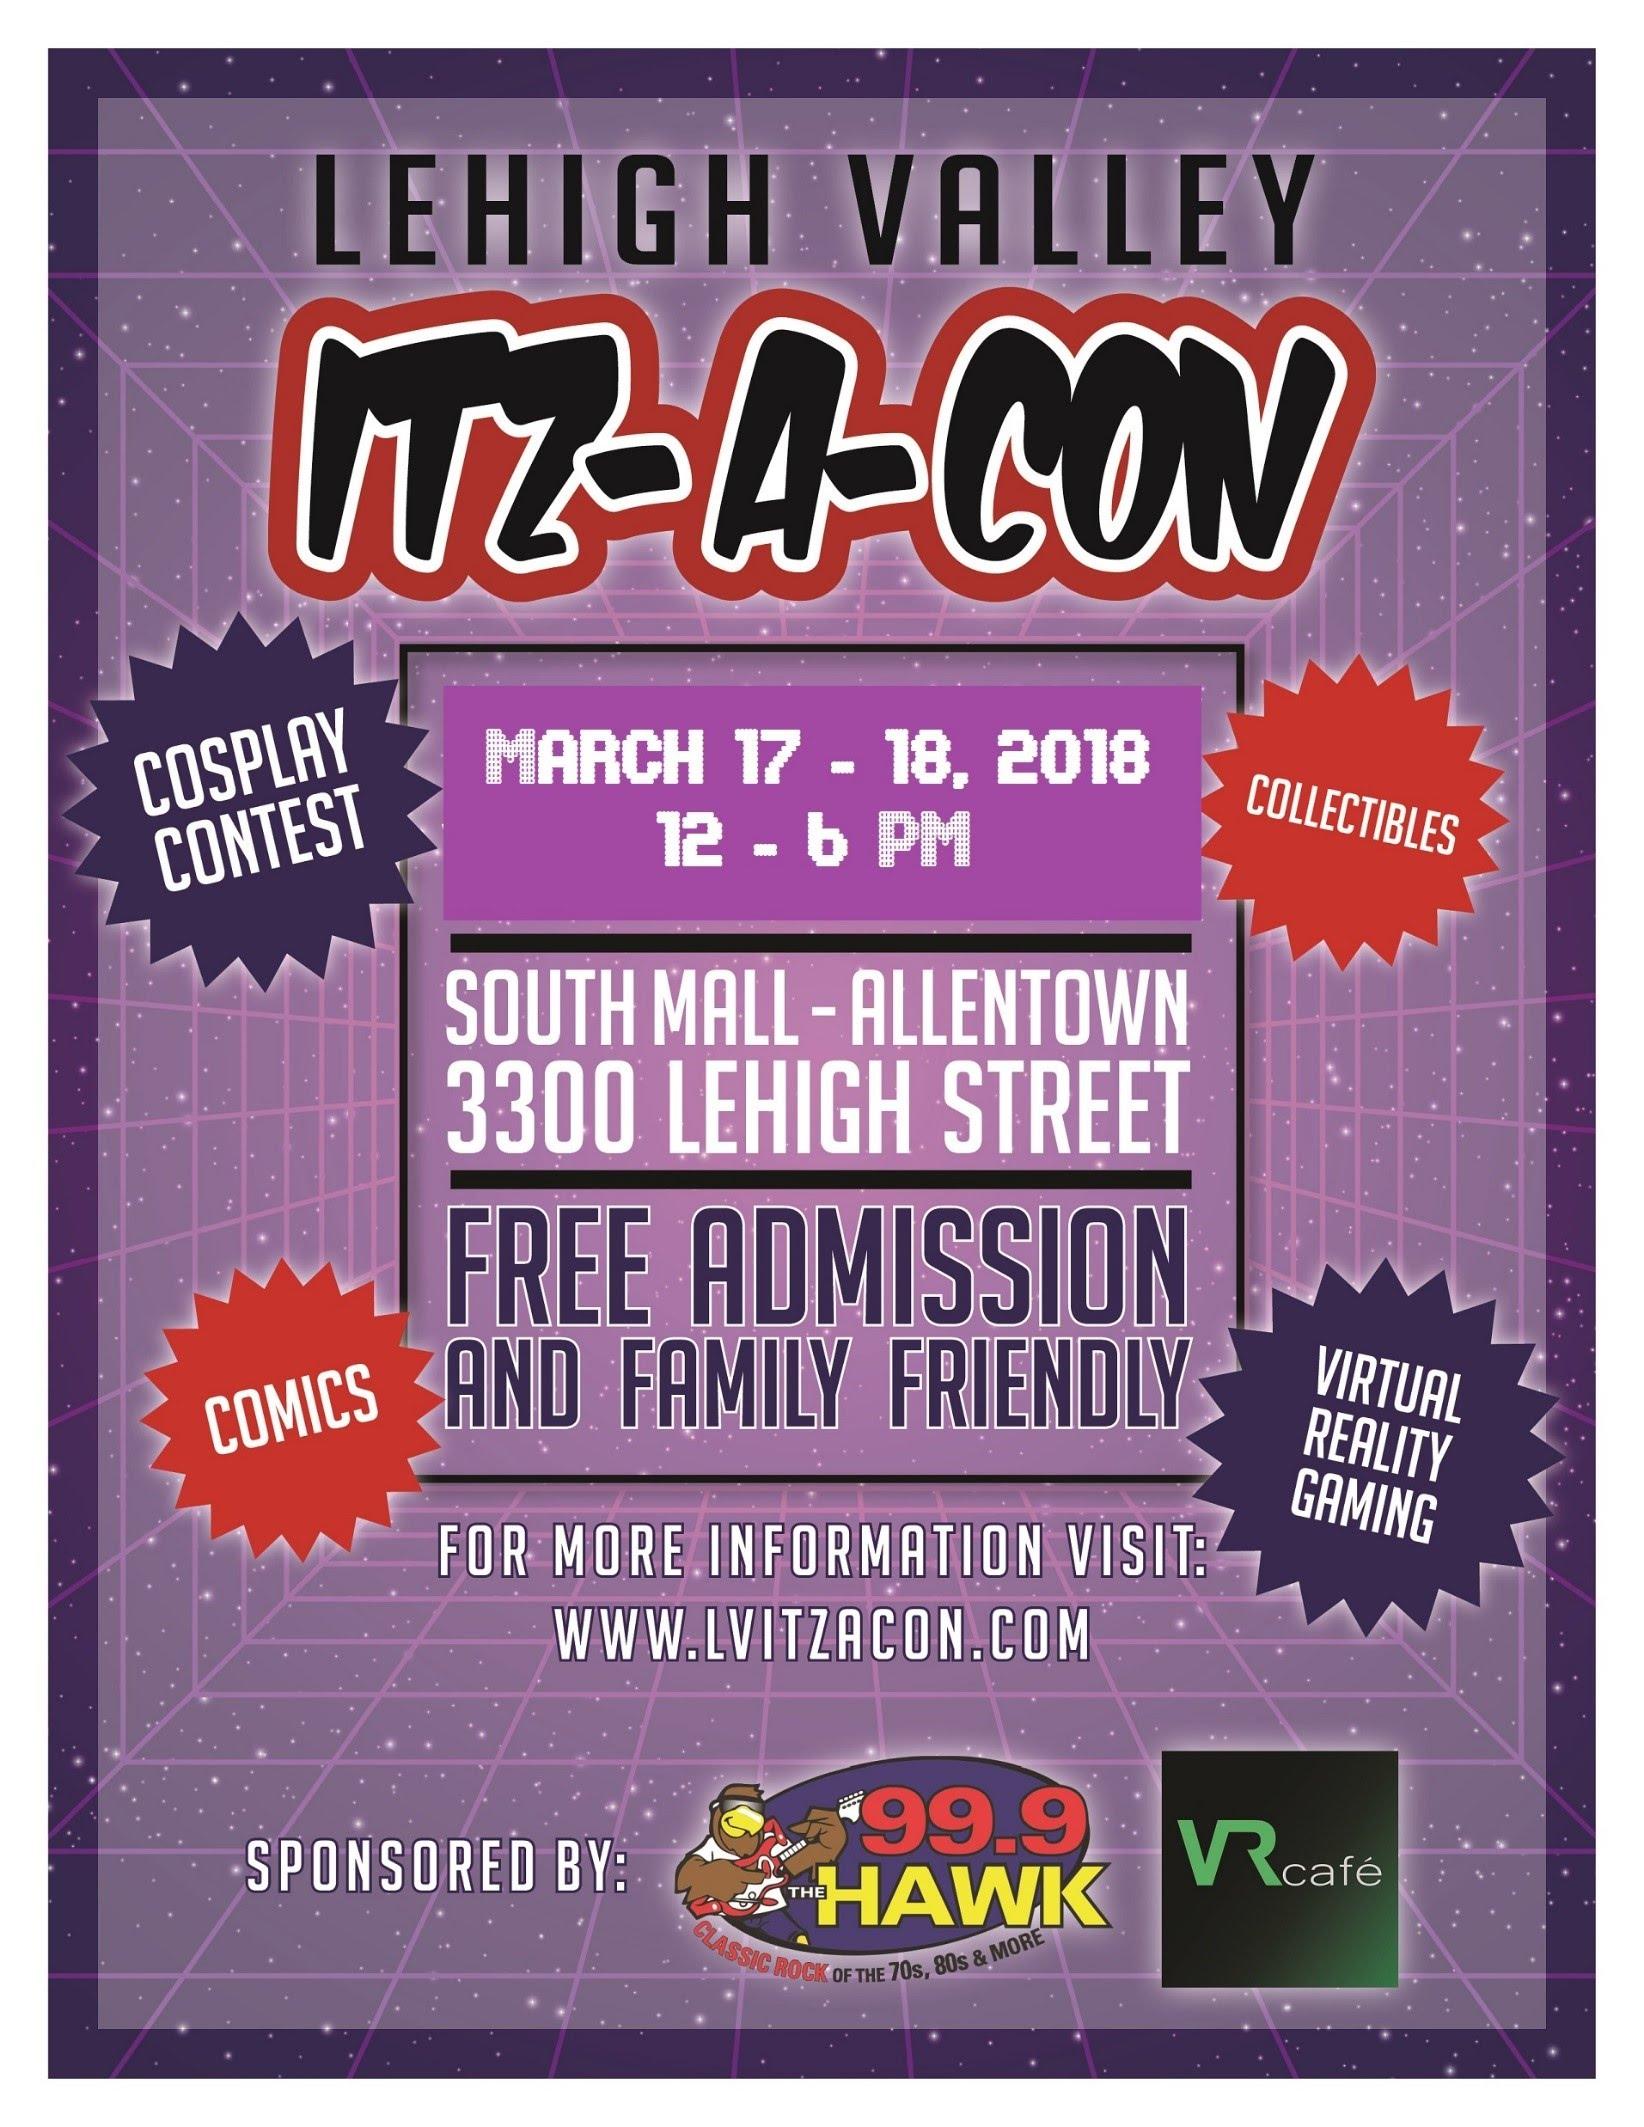 Lehigh Valley Itz-A-Con 2018